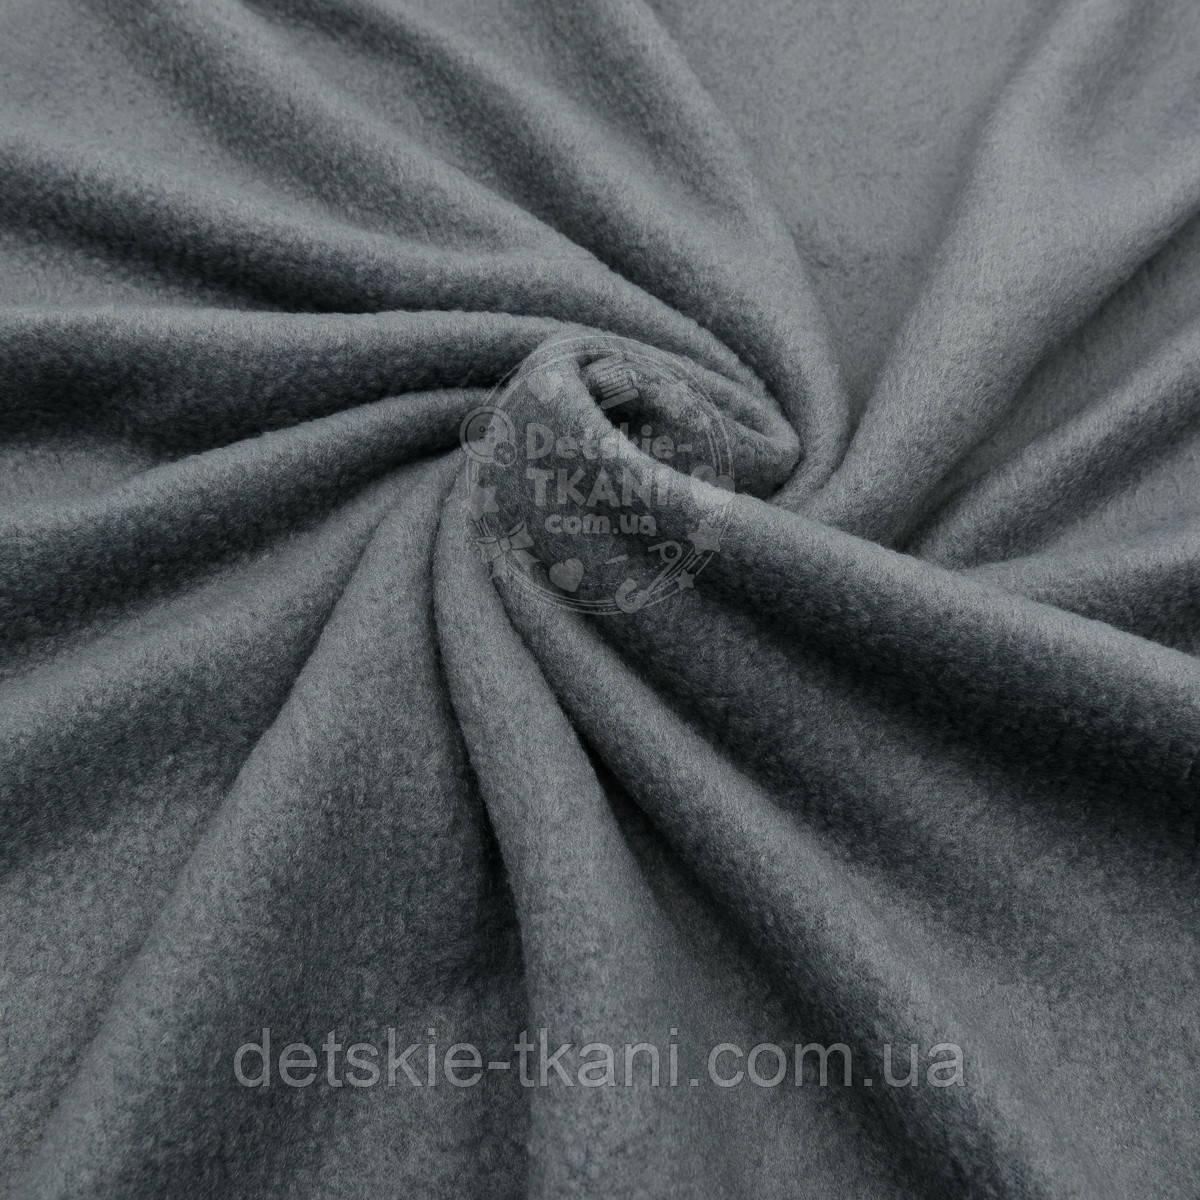 Флис однотонный серого цвета